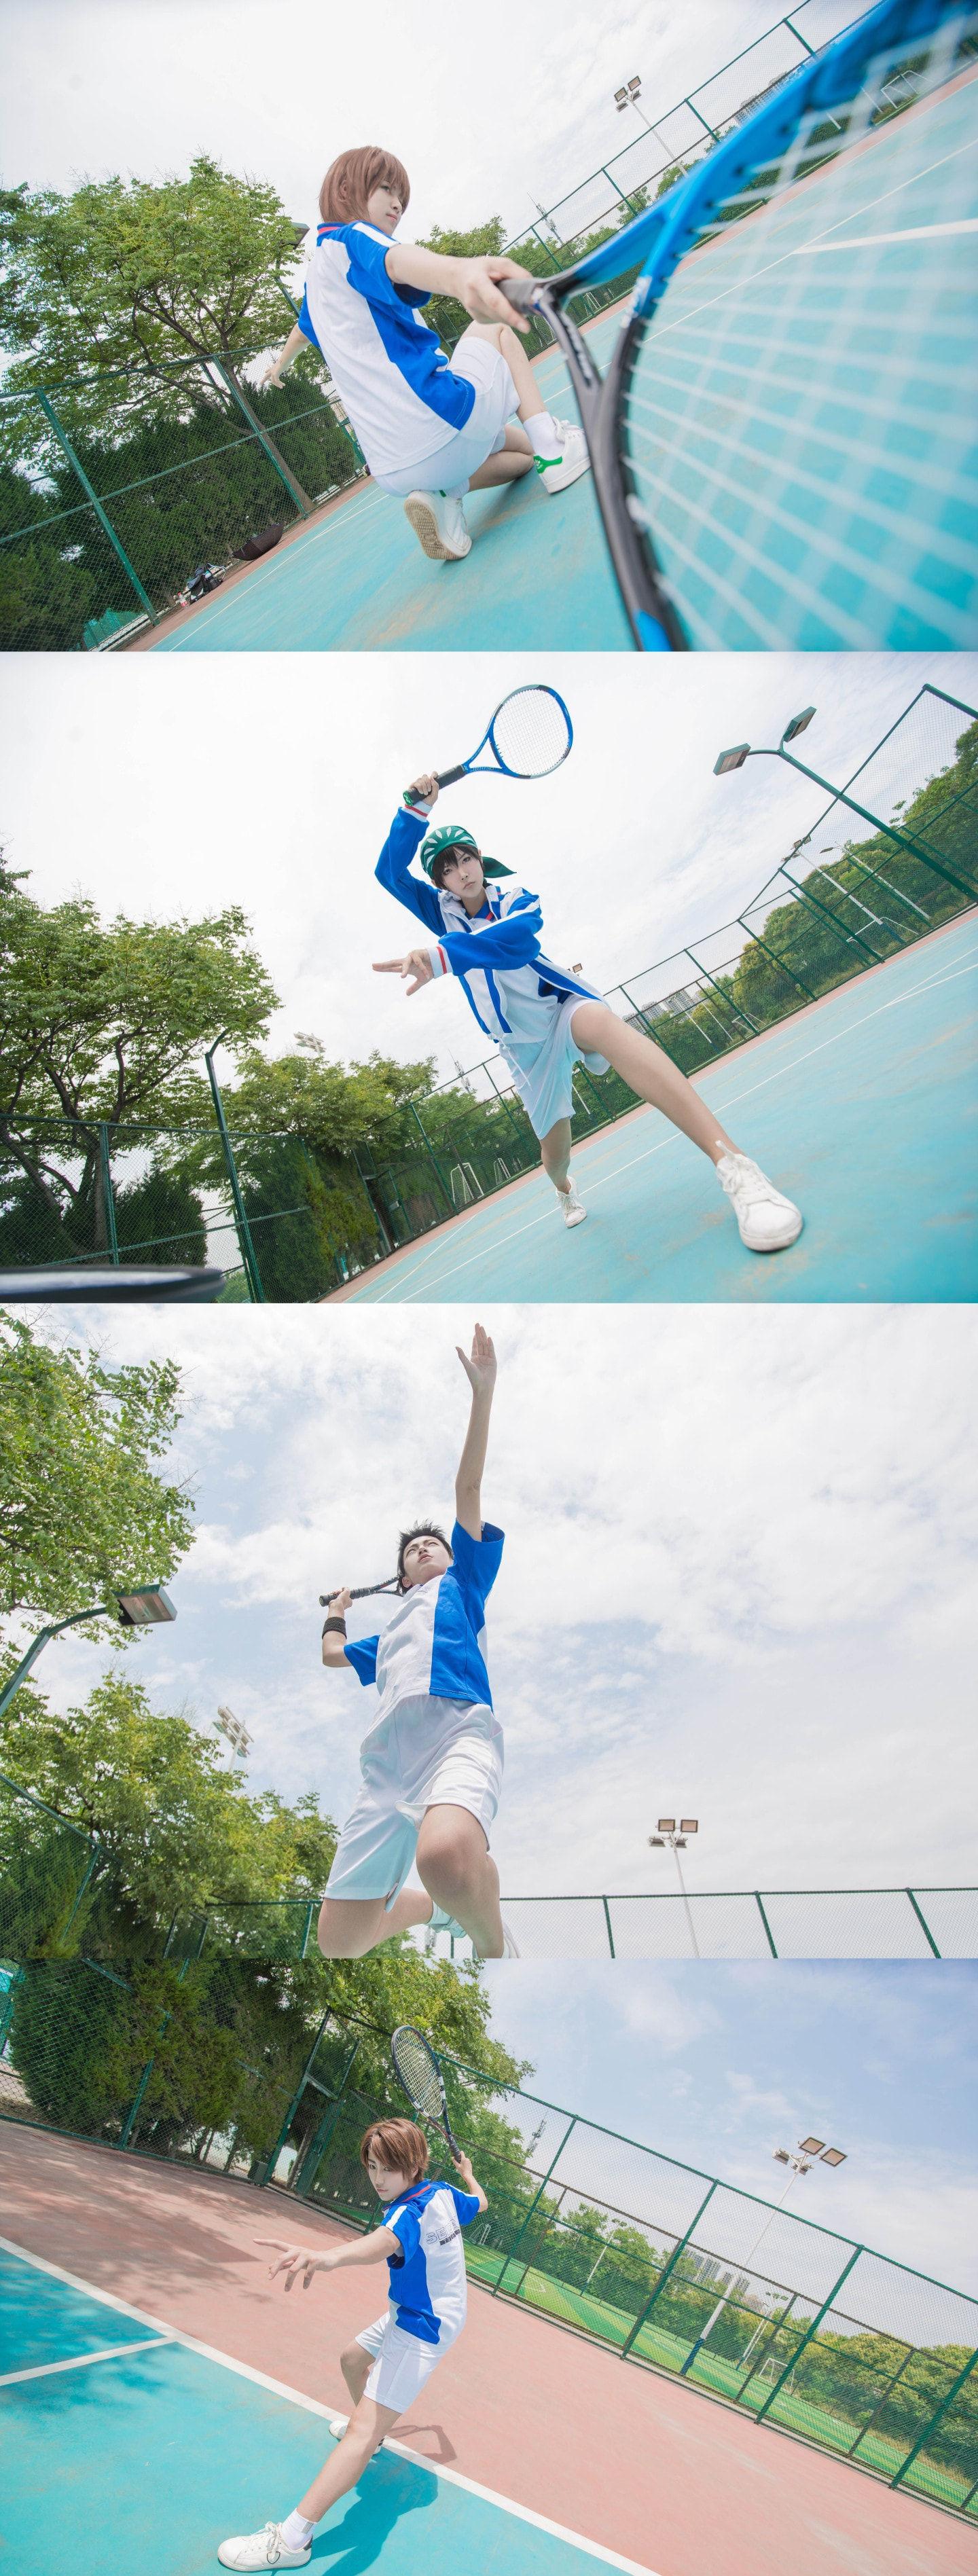 网球王子青学cosplay插图(2)